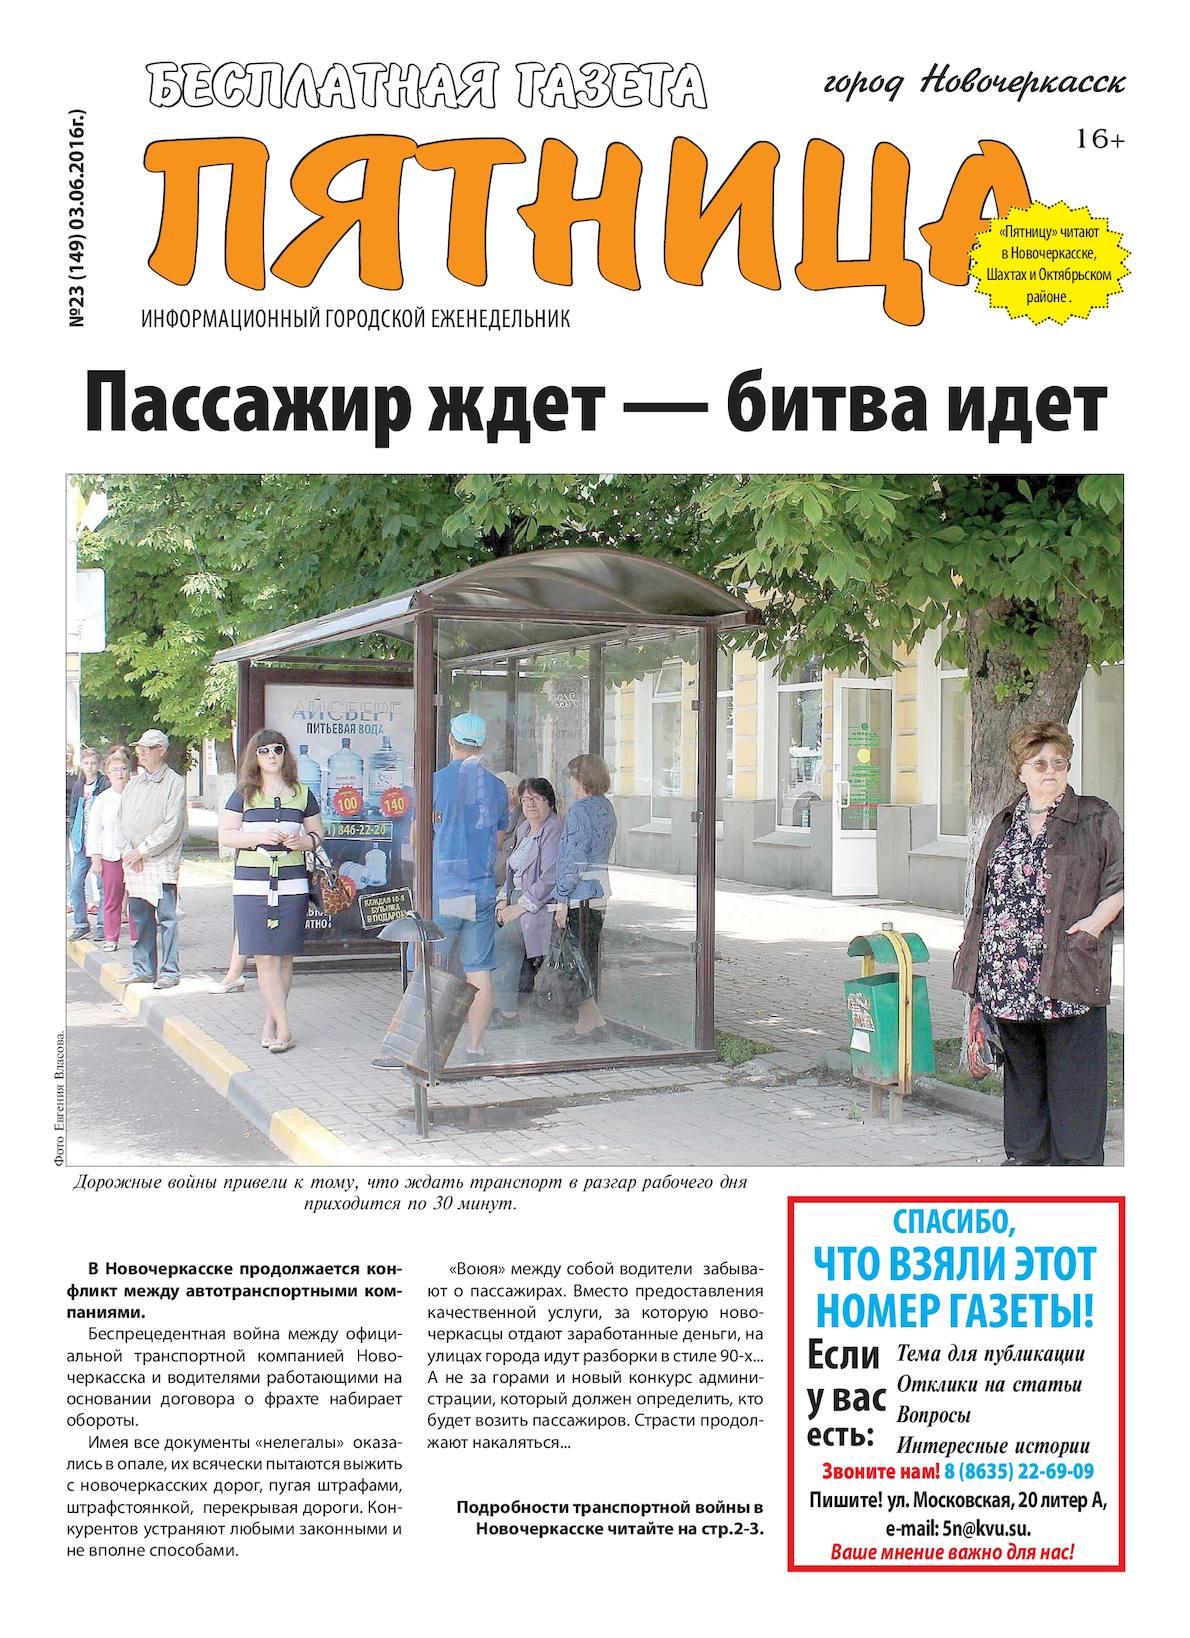 Автозалог в Ставрополе - залог под ПТС автомобиля